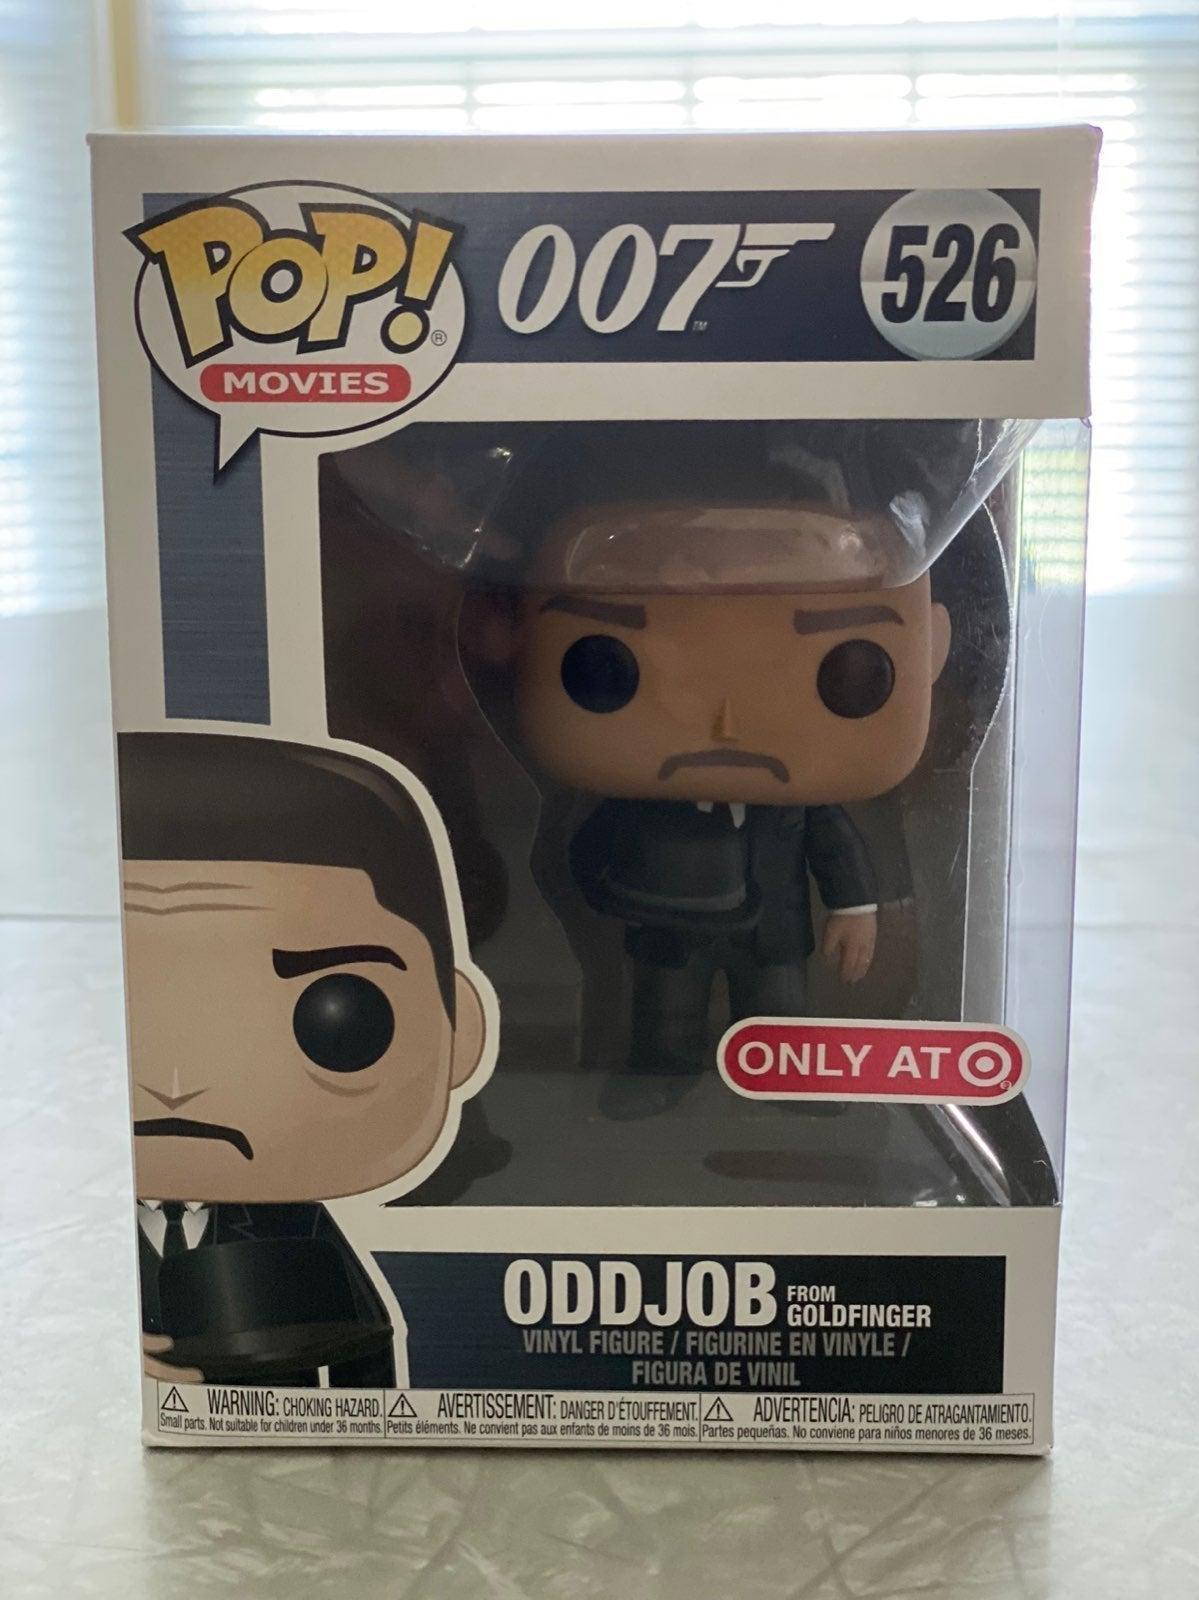 Pop! Movies:  007 TARGET EXCLUSIVE